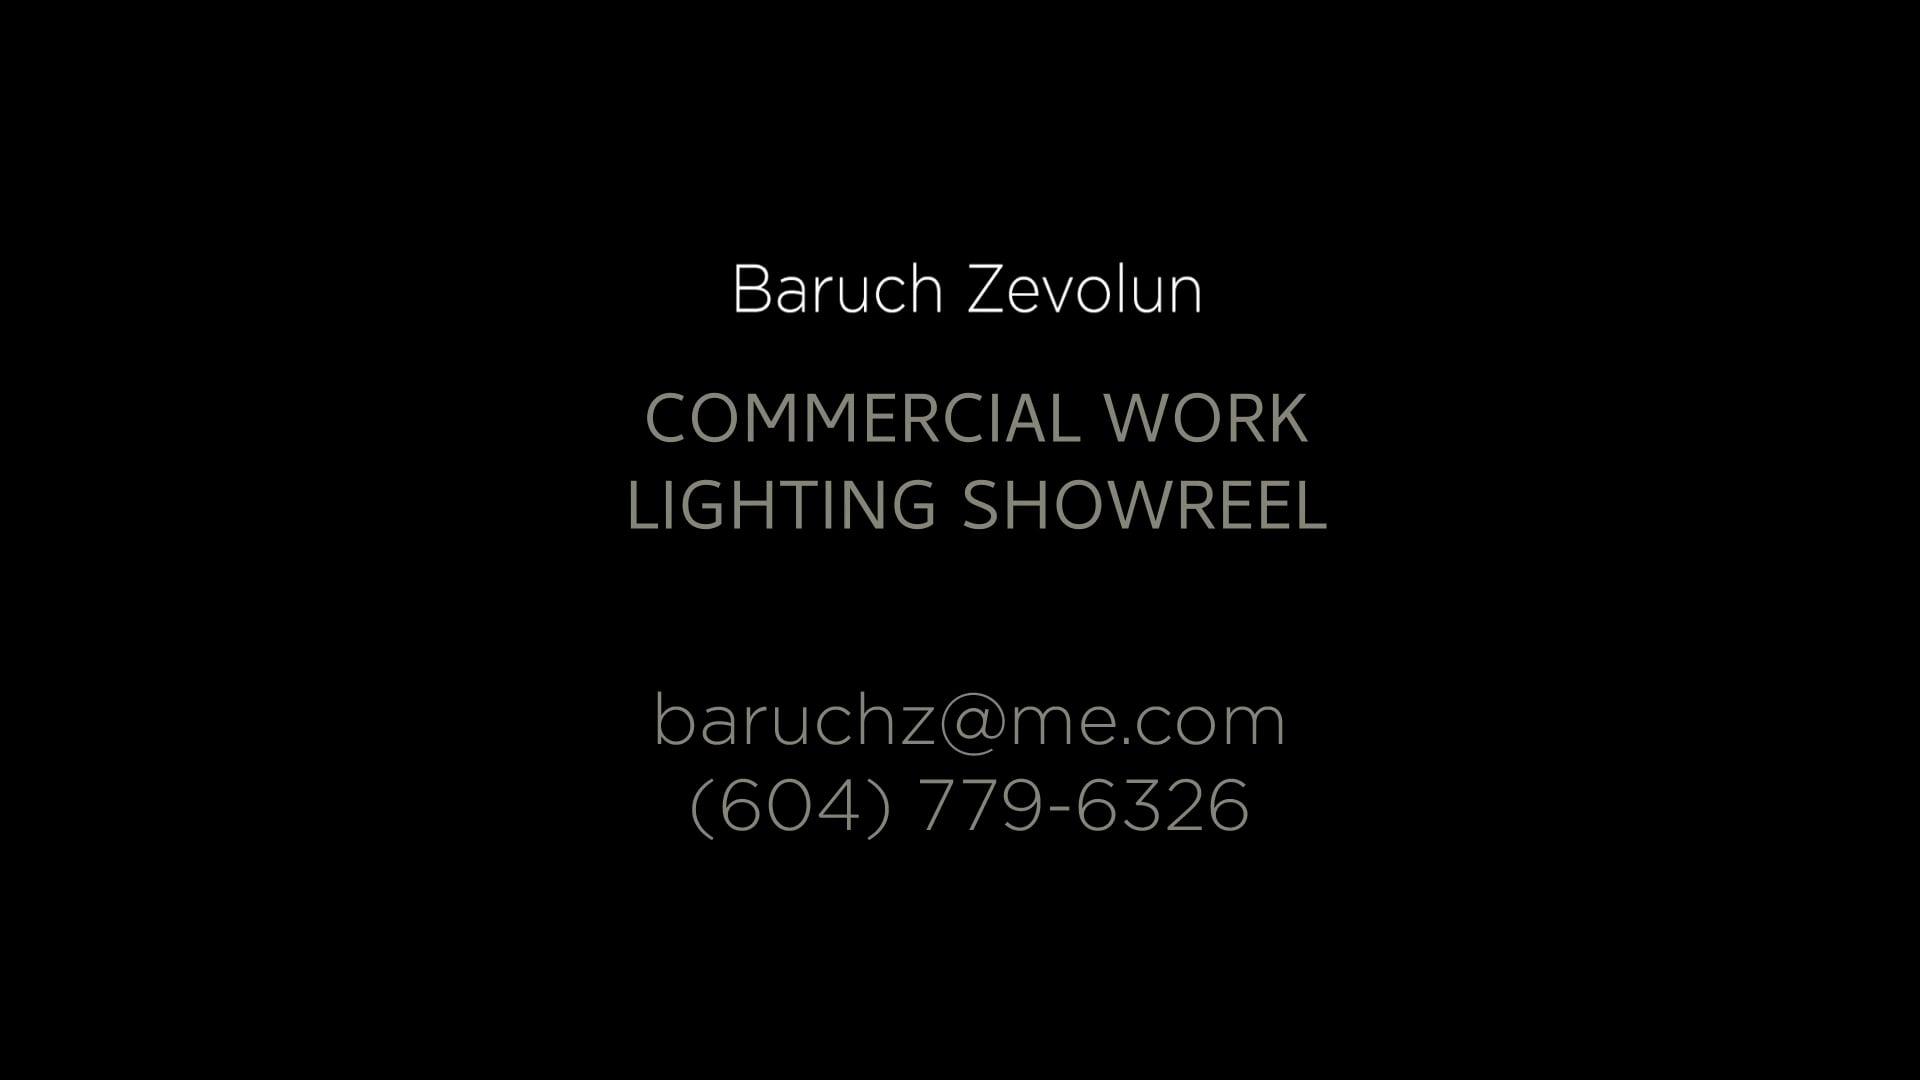 Commercial Work Lighting